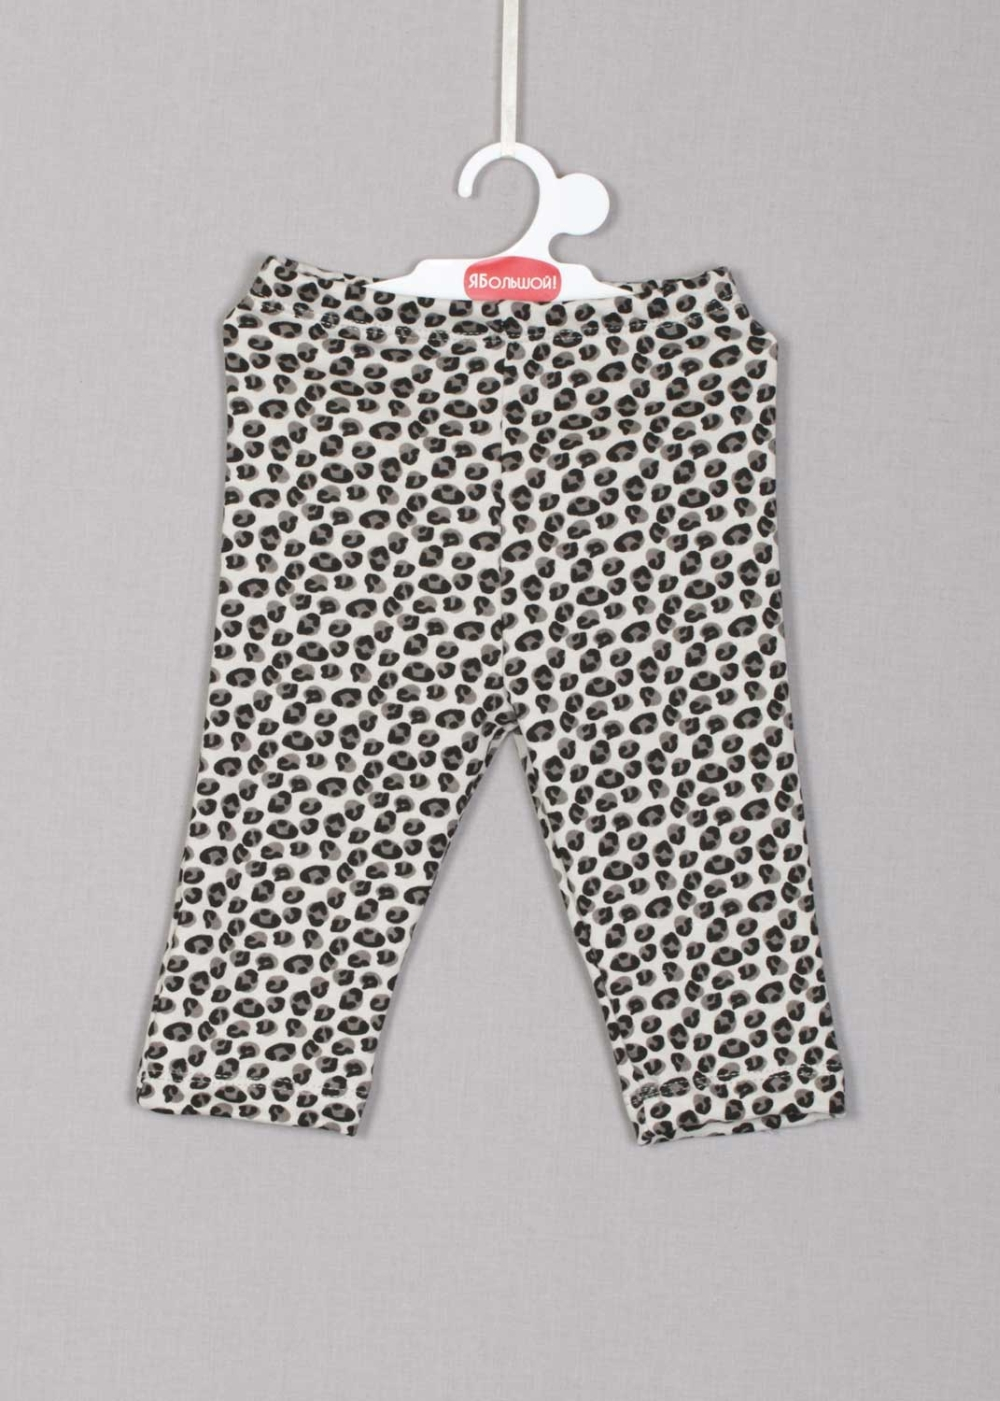 ЛегинсыПолзунки<br>Трикотажные штанишки для новорожденного  В изделии использованы цвета: белый, черный.  Размер соответствует росту ребенка<br><br>По возрасту: Ясельные ( от 1 до 3 лет)<br>По материалу: Трикотажные,Хлопковые<br>По образу: Повседневные<br>По рисунку: С принтом (печатью),Цветные<br>По сезону: Весна,Зима,Лето,Осень,Всесезон<br>По силуэту: Полуприталенные<br>По элементам: На резинке<br>Размер : 68,74,80,86,92,98<br>Материал: Трикотаж<br>Количество в наличии: 9